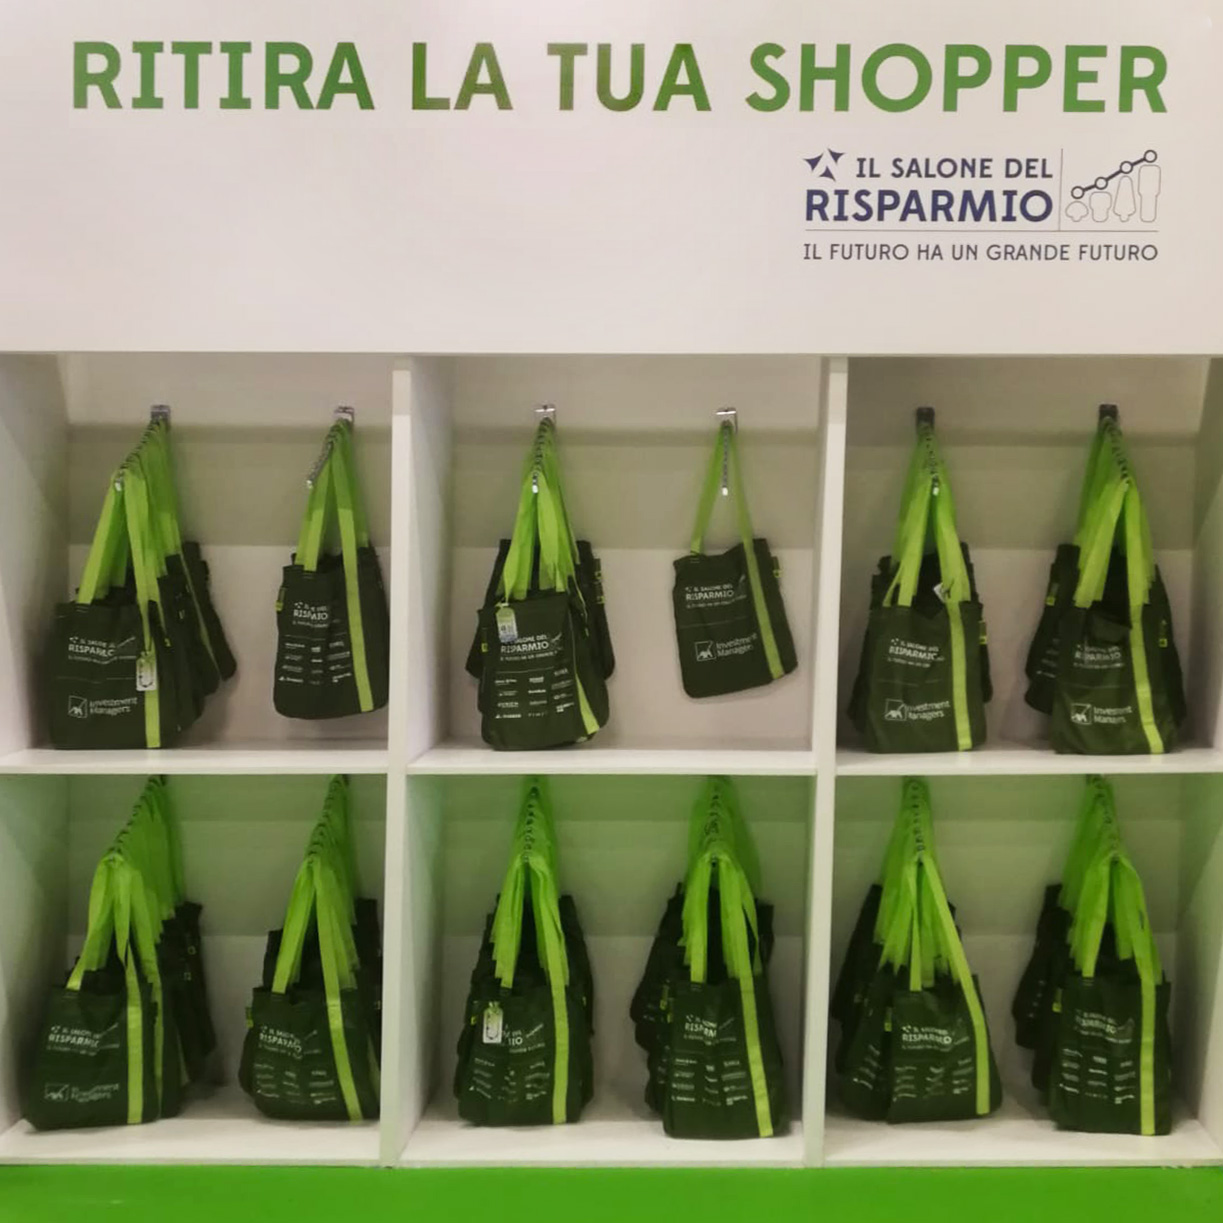 shopper_ufficiale_tucano_per_il_salone_del_risparmio_2021